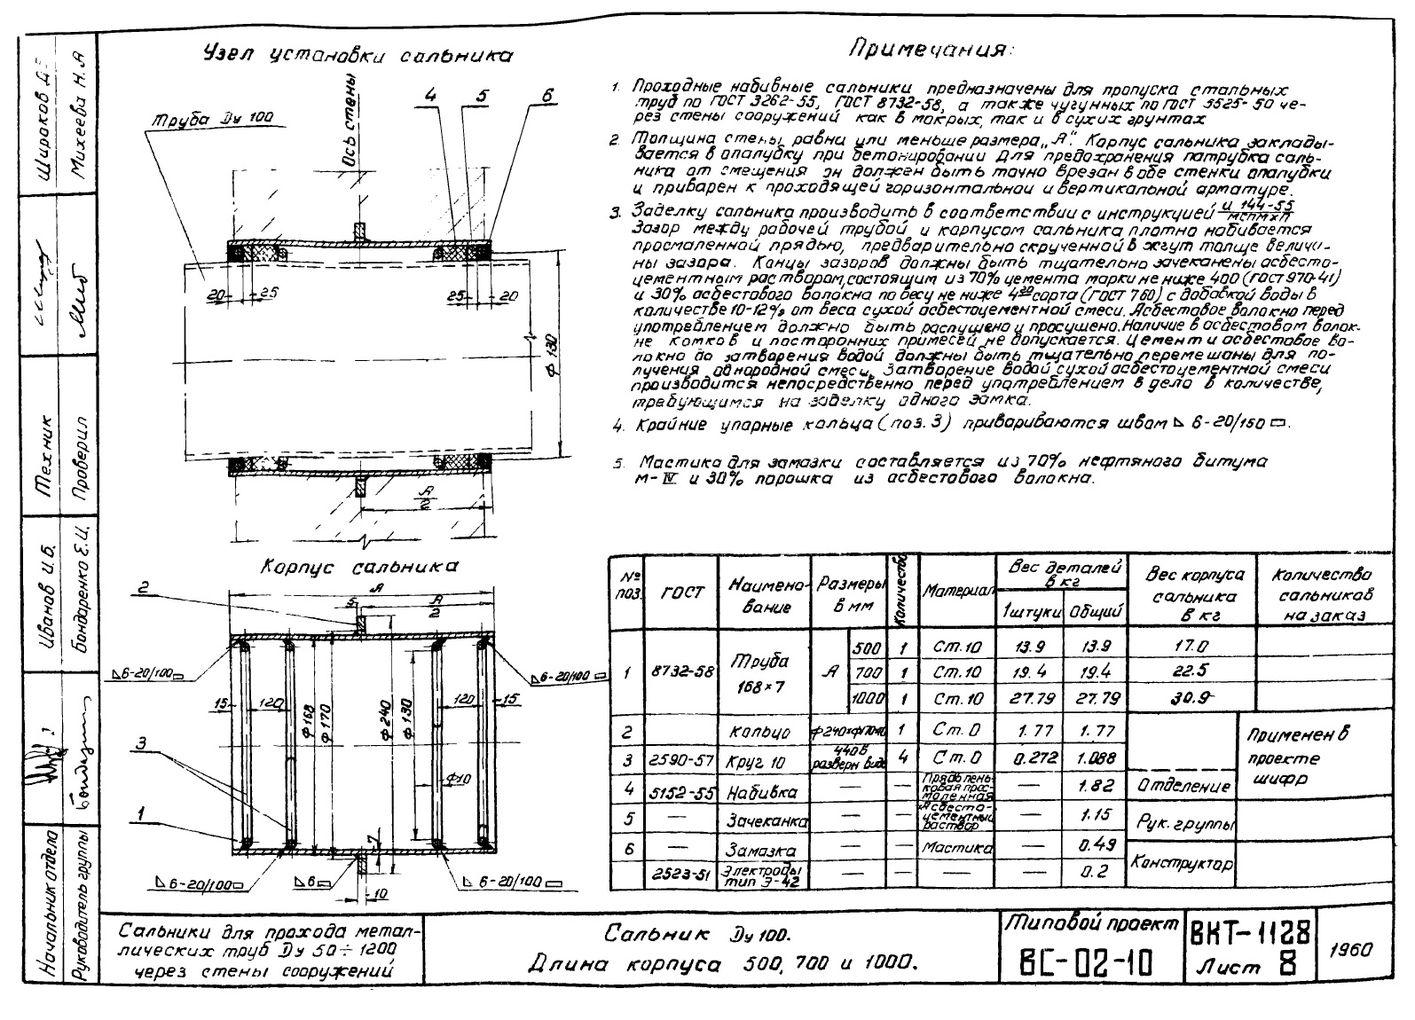 Сальники набивные L = 1000 мм типовой проект ВС-02-10 стр.3